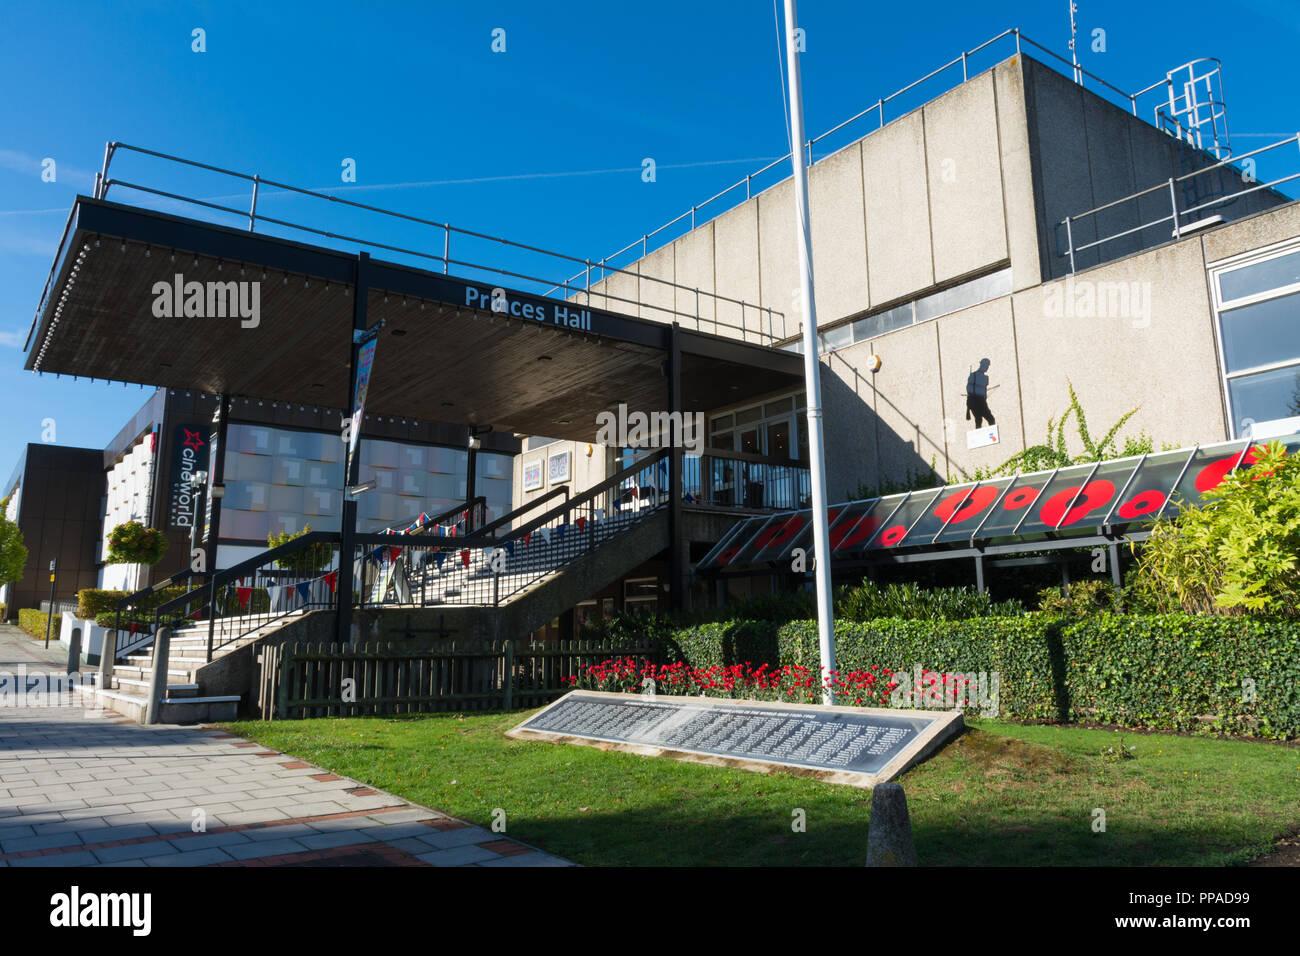 Princes Hall, ein Theater und eine multifunktionale Veranstaltungshalle in Aldershot Town in Hampshire, Großbritannien. Äußere des Gebäudes mit dem Kriegerdenkmal. Stockbild